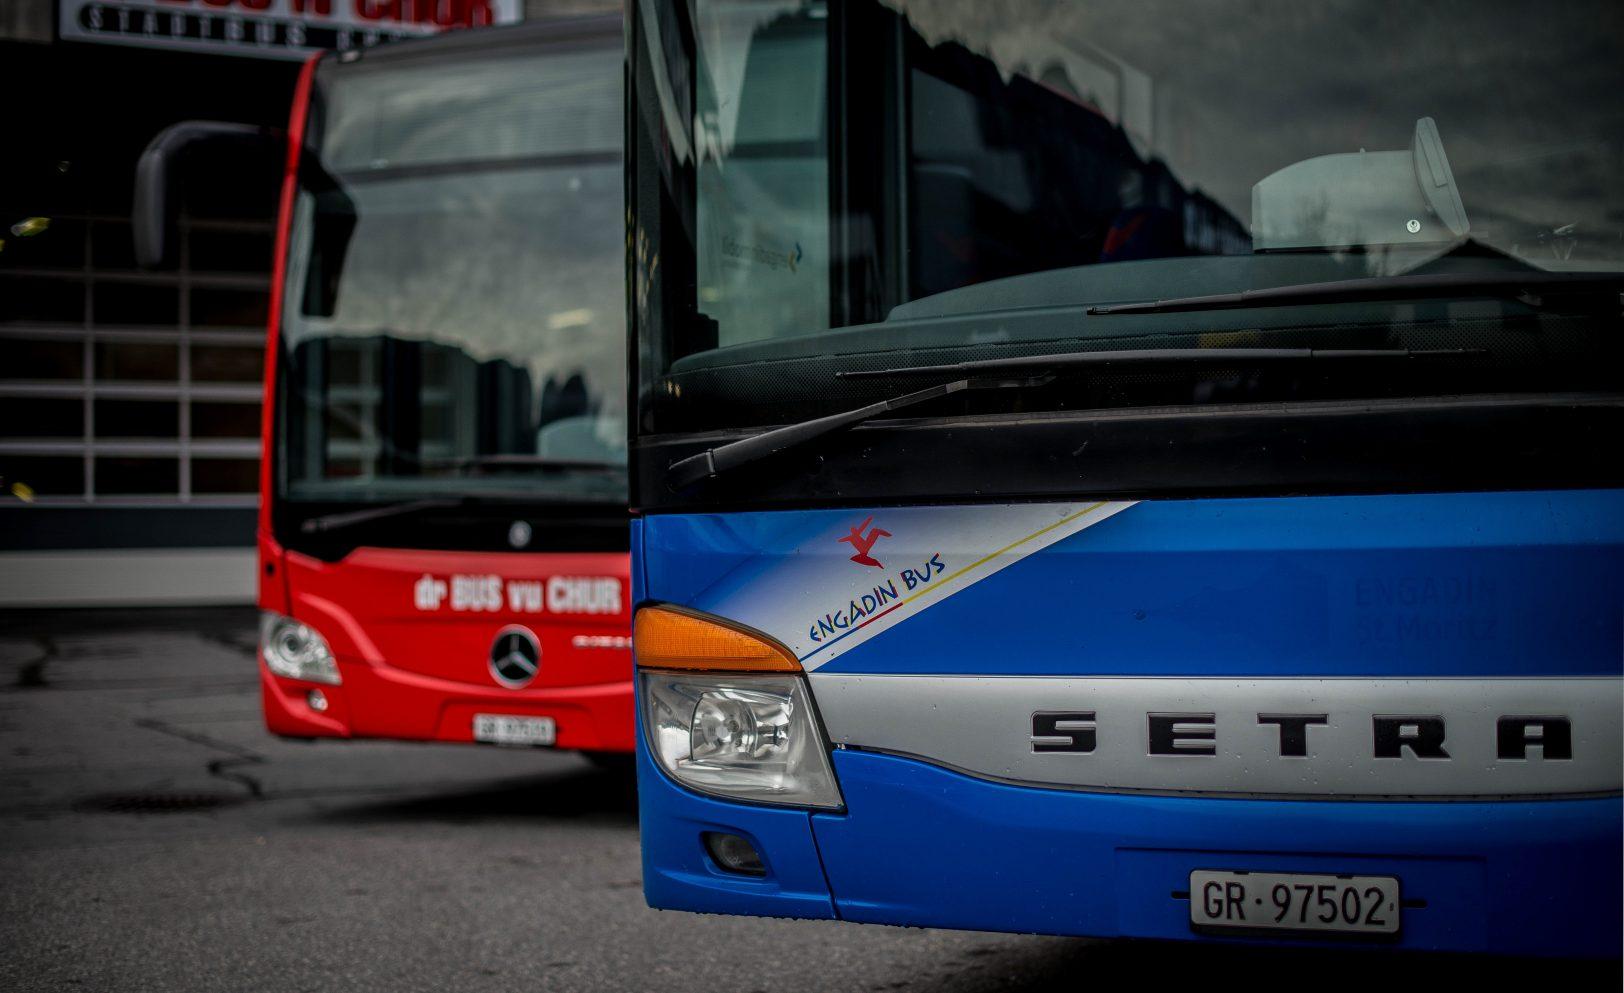 Stadtbus Chur AG